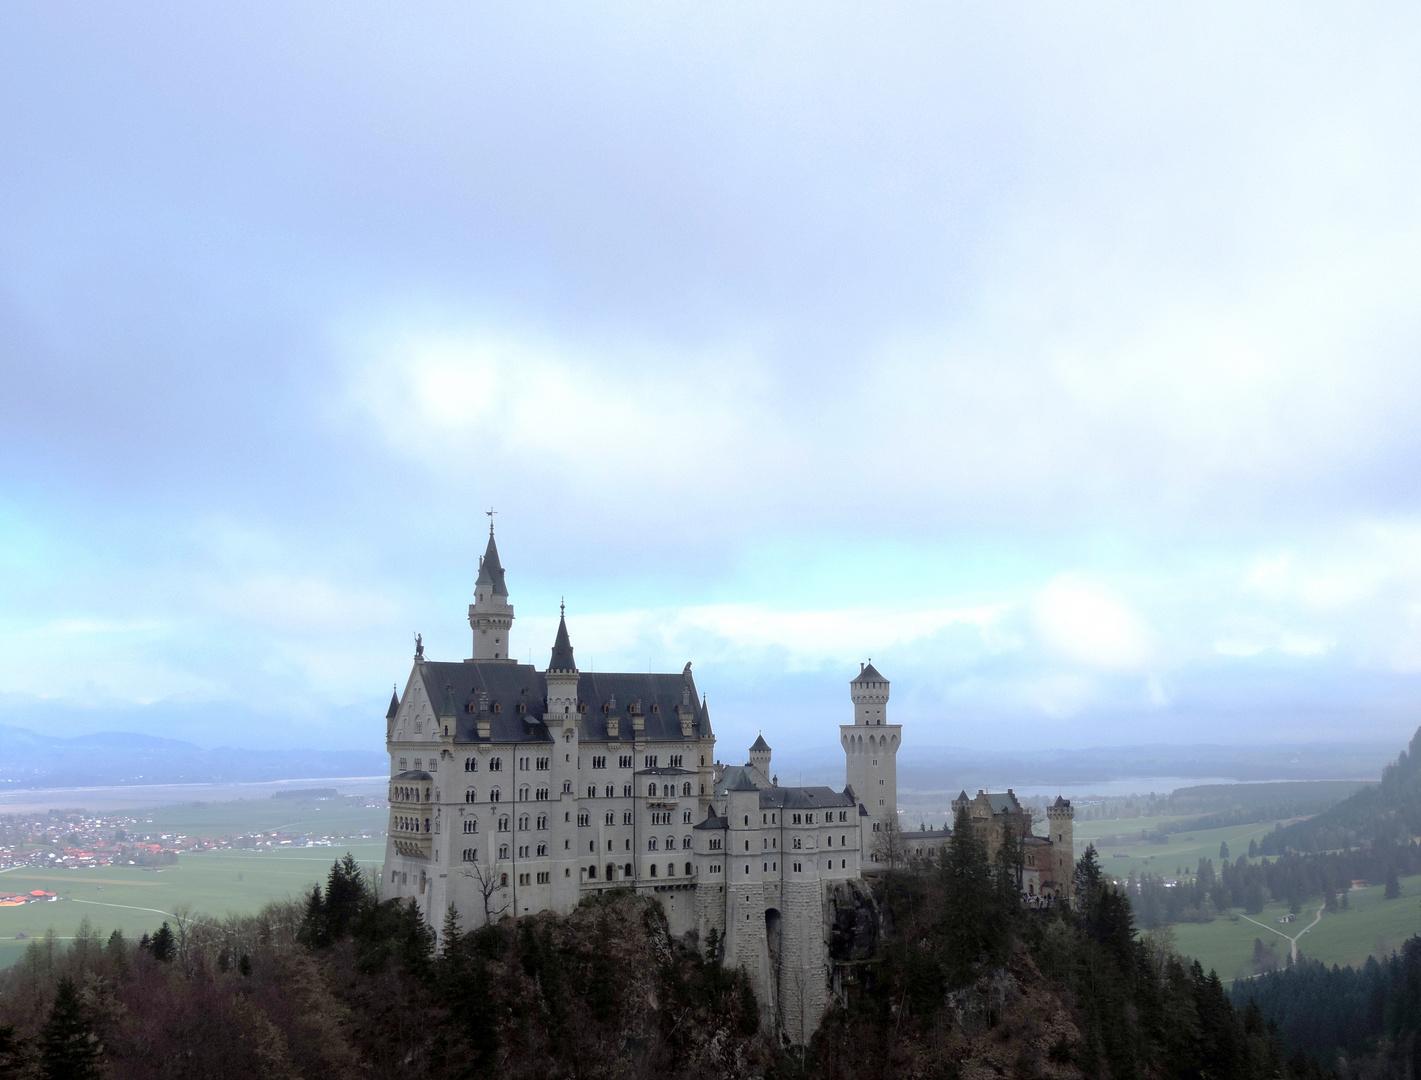 Schloss Neuschwanstein von der Marienbrücke aus gesehen ( 20.04.14 )